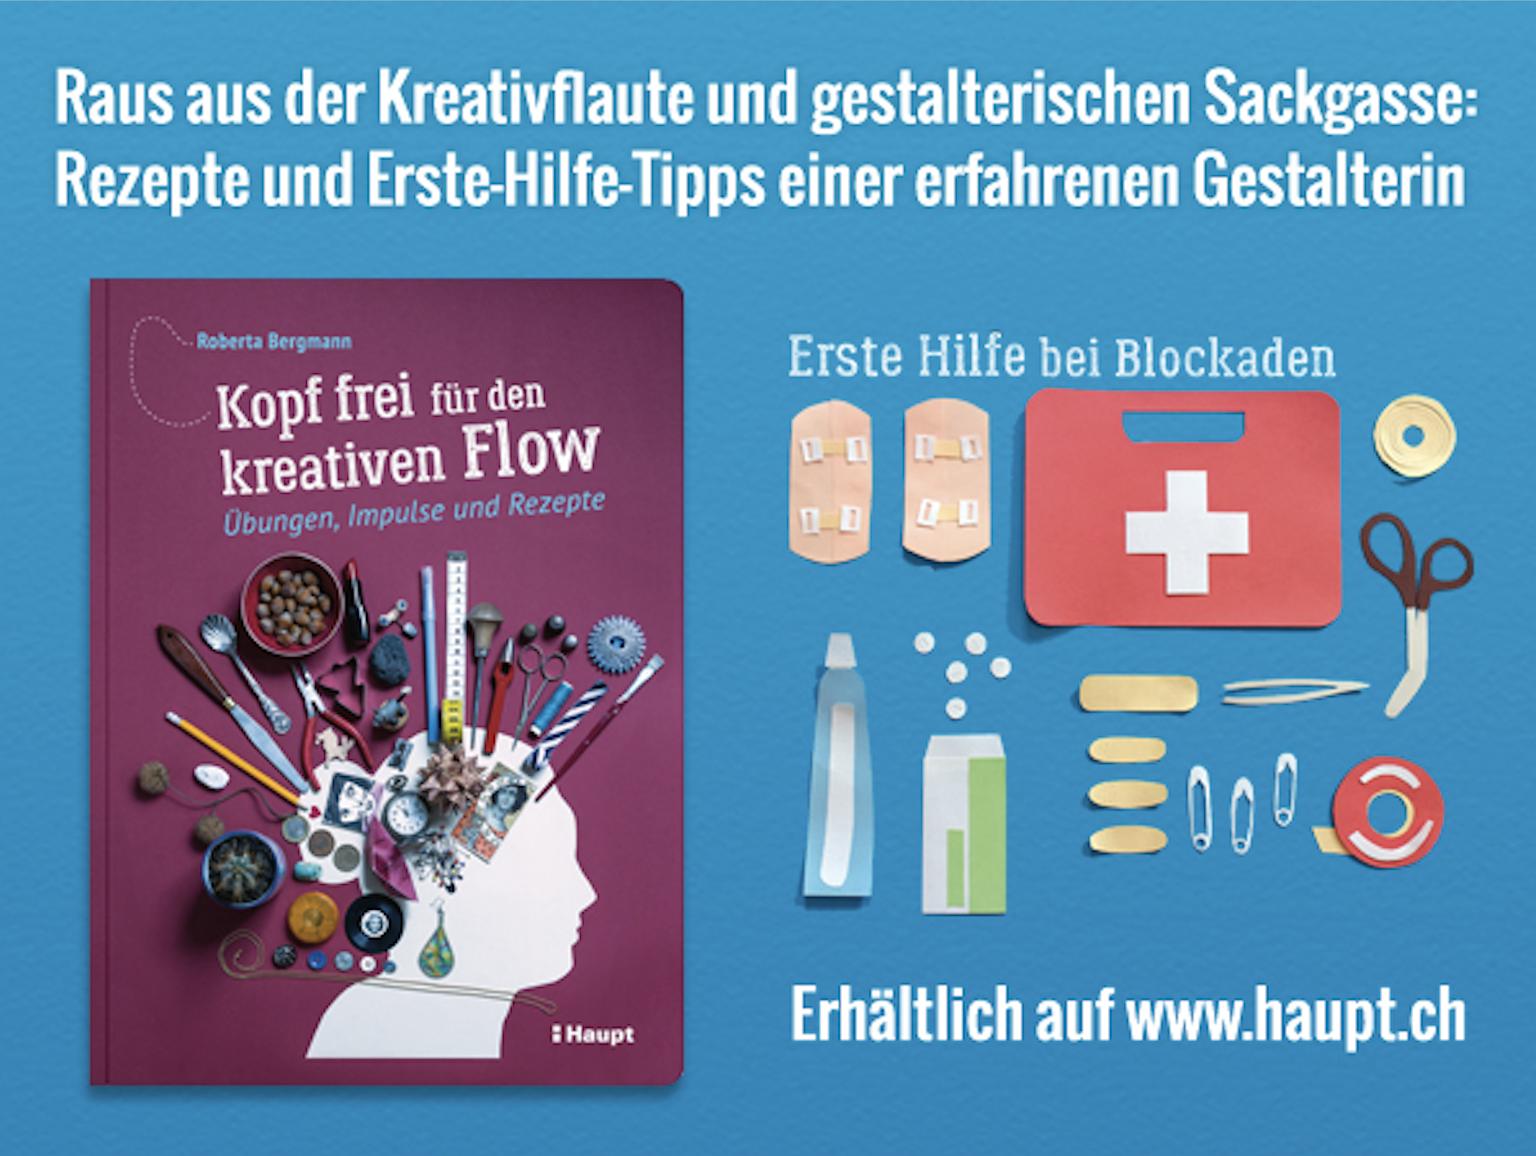 Großartig Wahlschalterschema Bilder - Die Besten Elektrischen ...